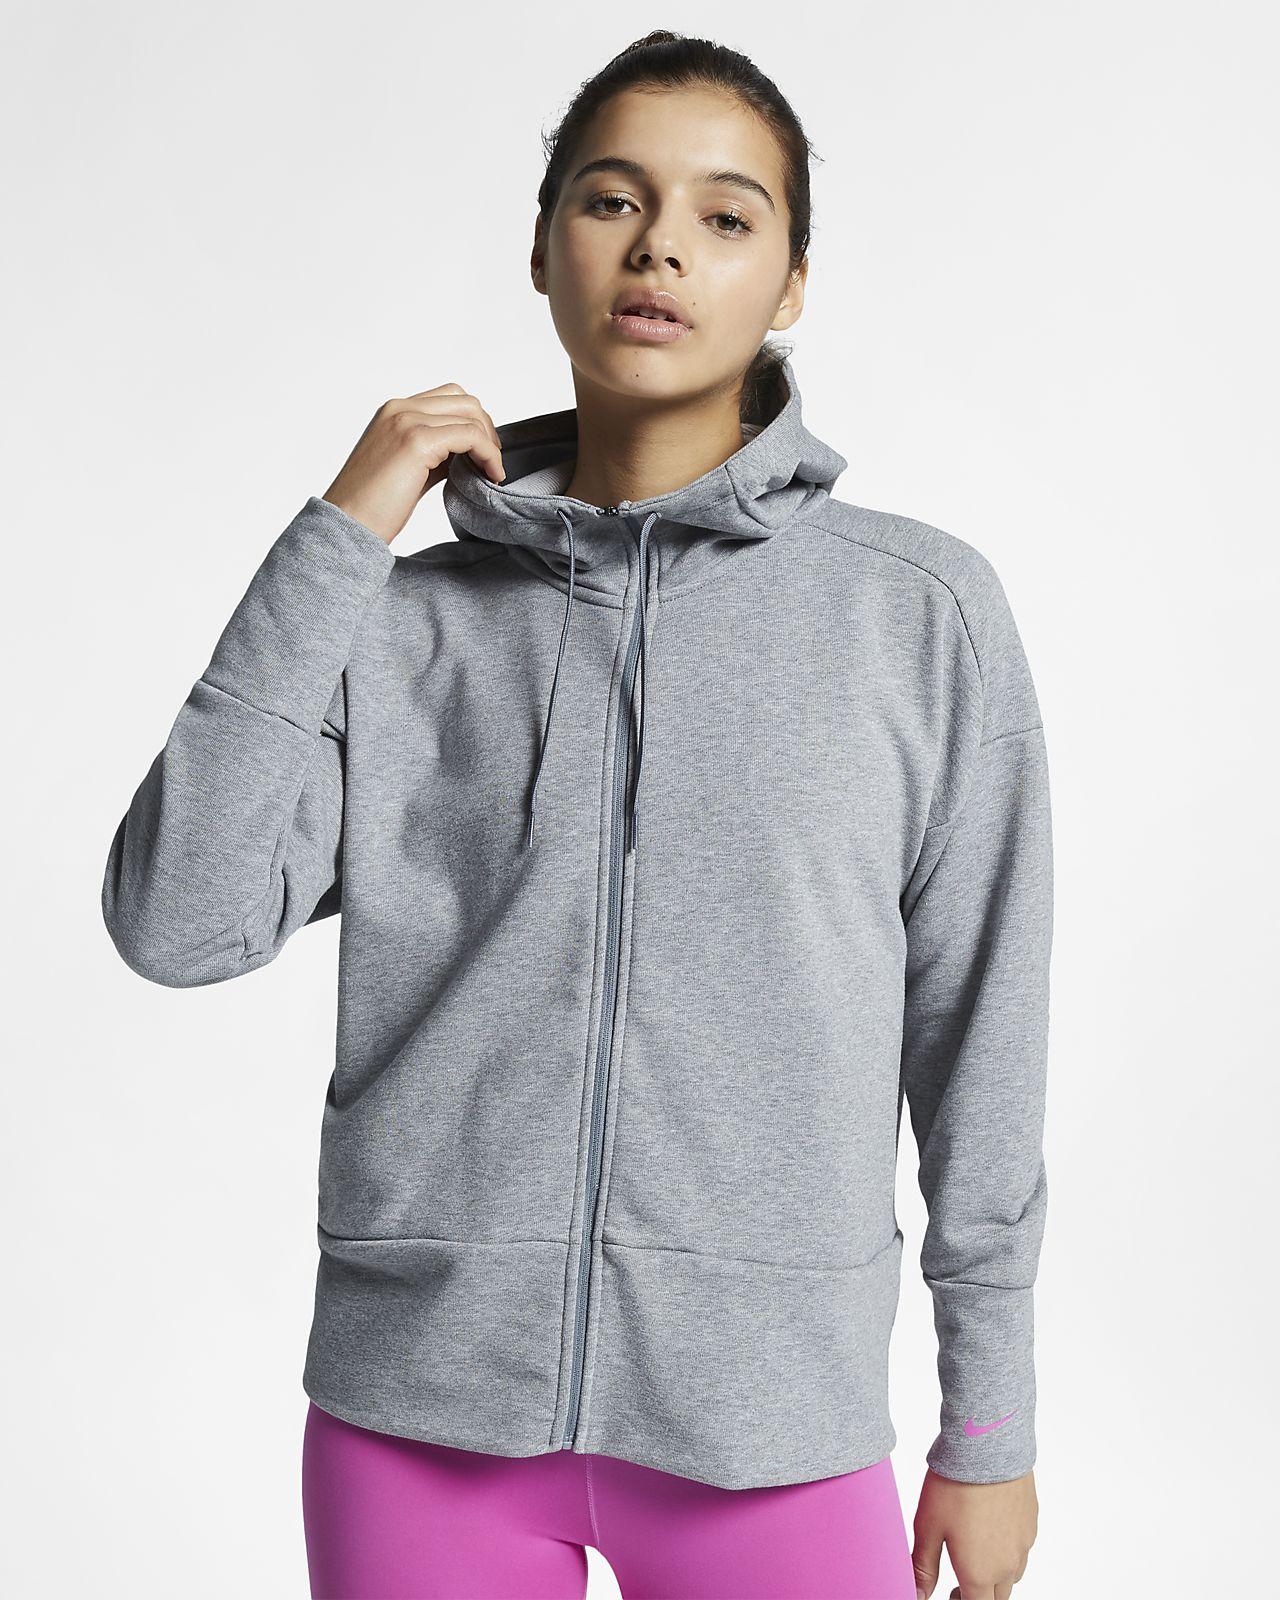 Felpa a manica lunga con cappuccio e zip a tutta lunghezza Nike Dri-FIT - Donna